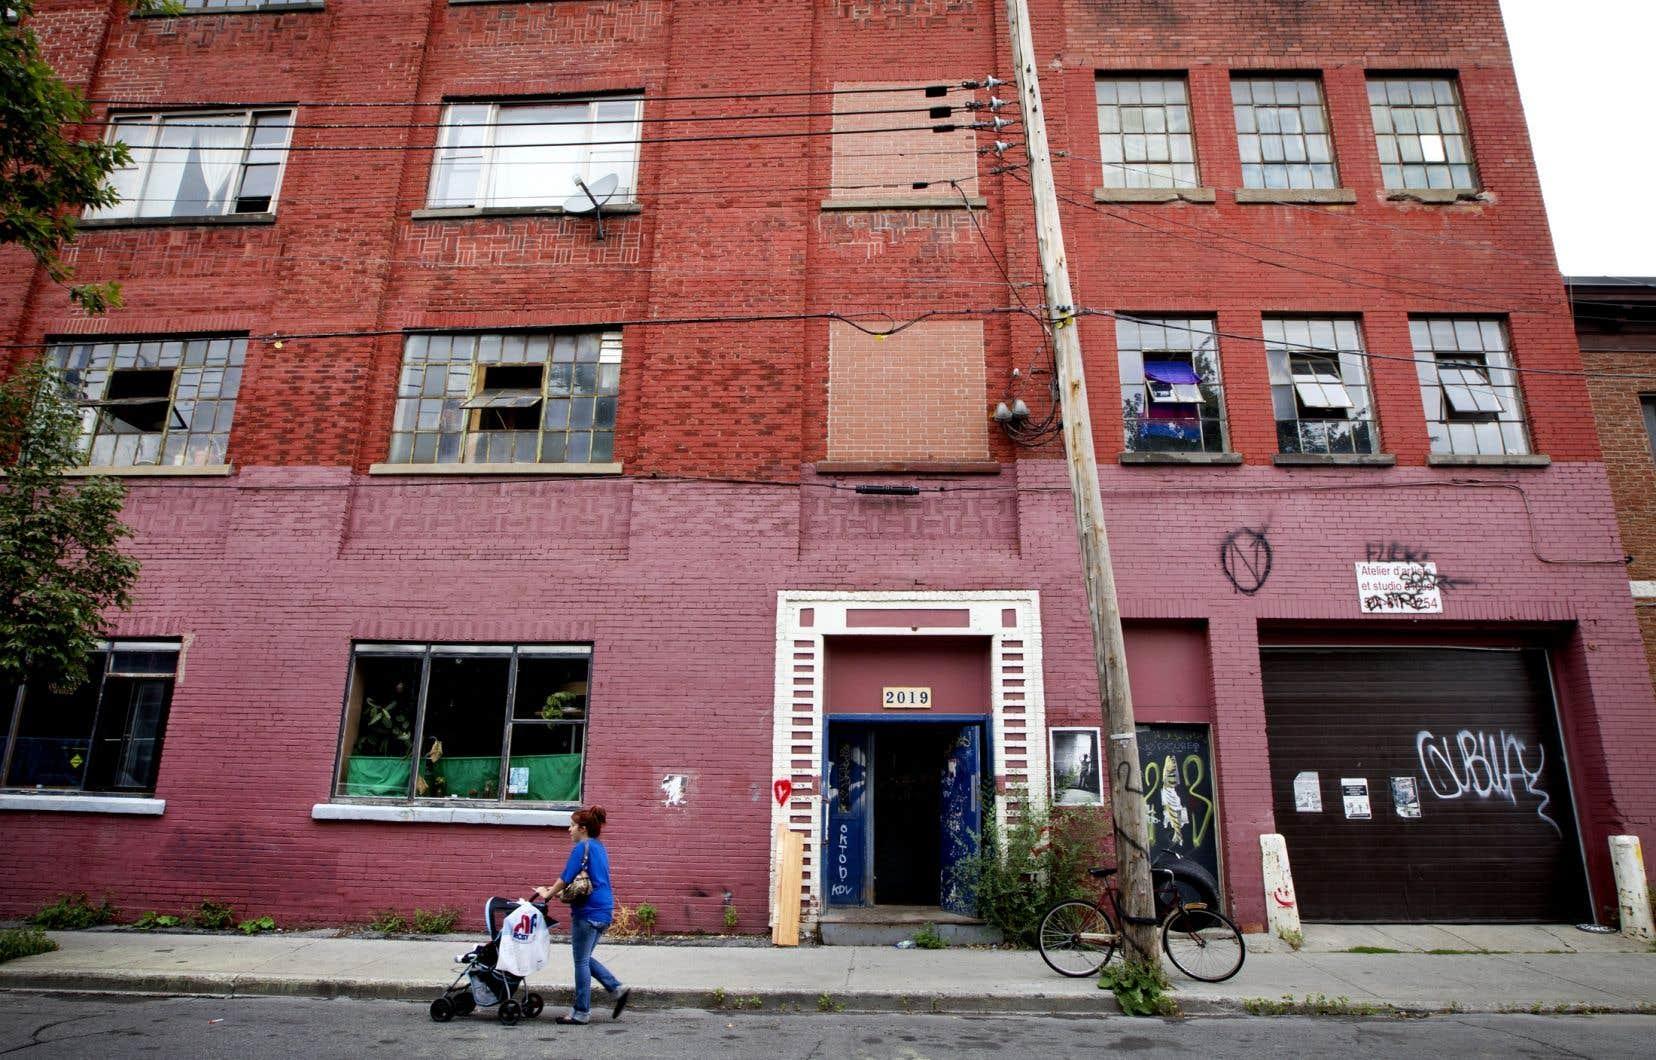 Les artistes, en quête d'un espace abordable pour créer, s'installent dans d'anciens bâtiments industriels.